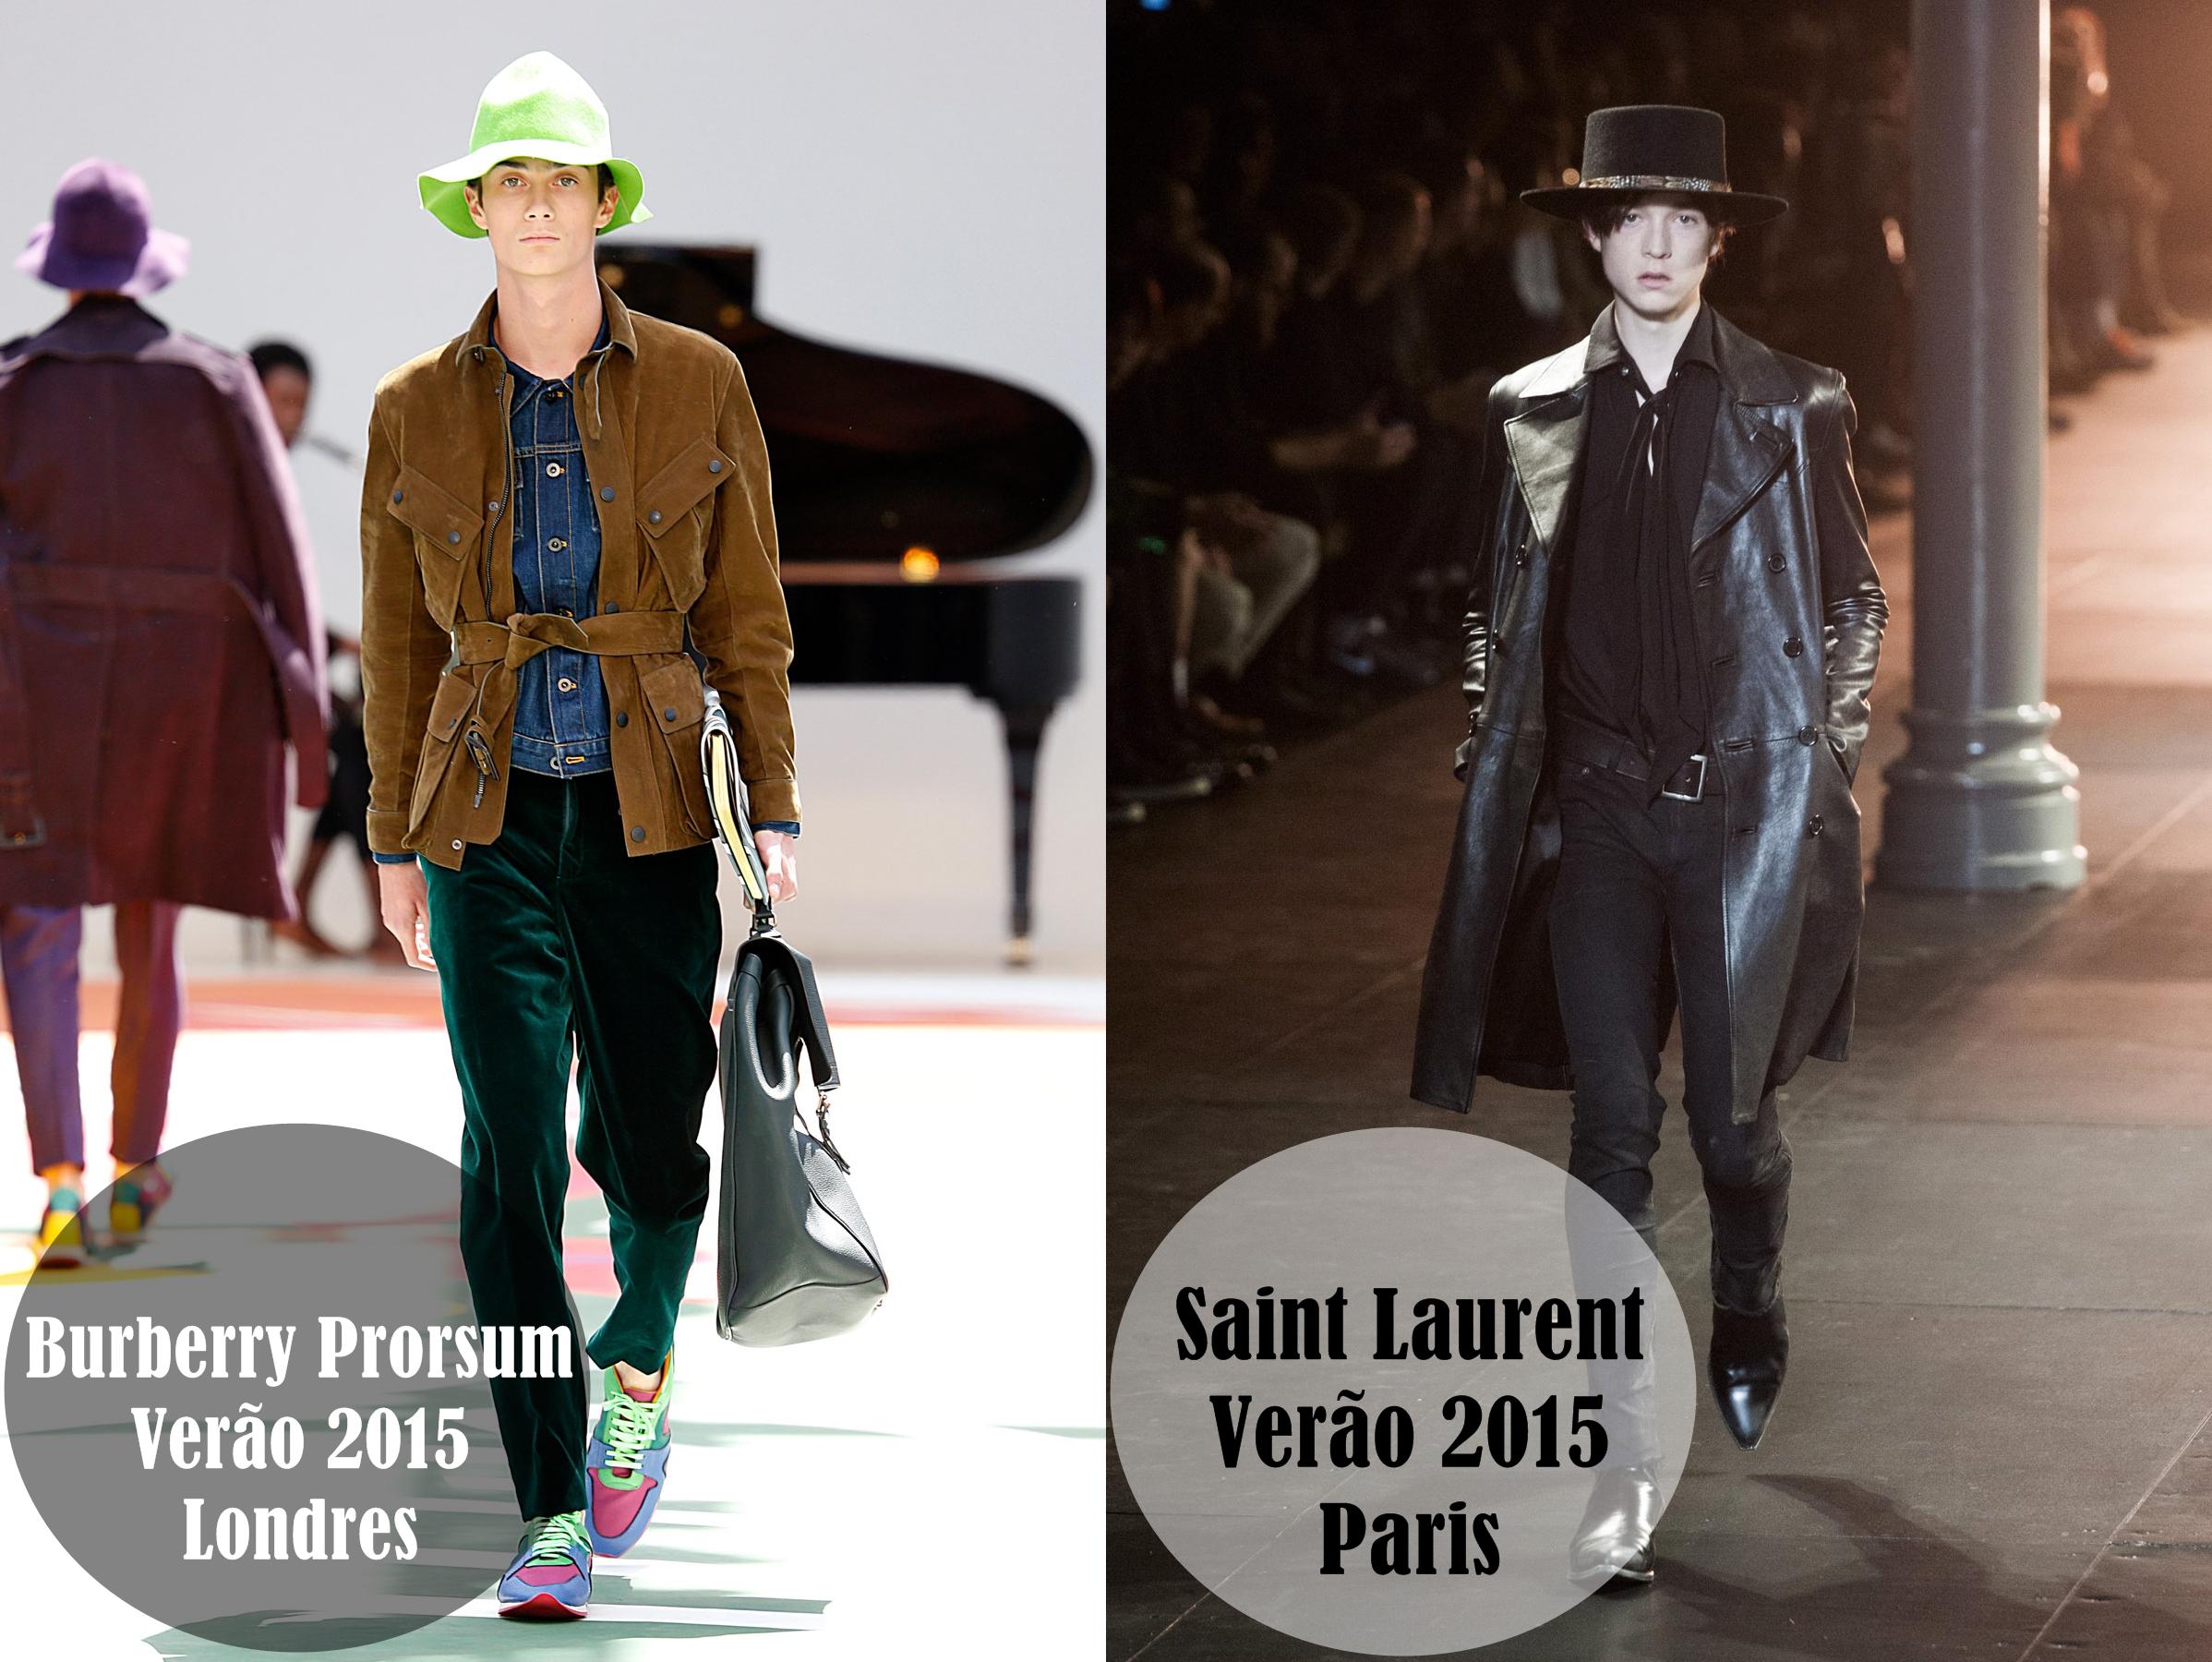 chapéus masculino, moda sem censura, alex cursino, blog de moda masculina, menswear, fashion blogger, estilo, style, fashion, moda, como usar chapéu, dicas de estilo, dicas de moda, 6